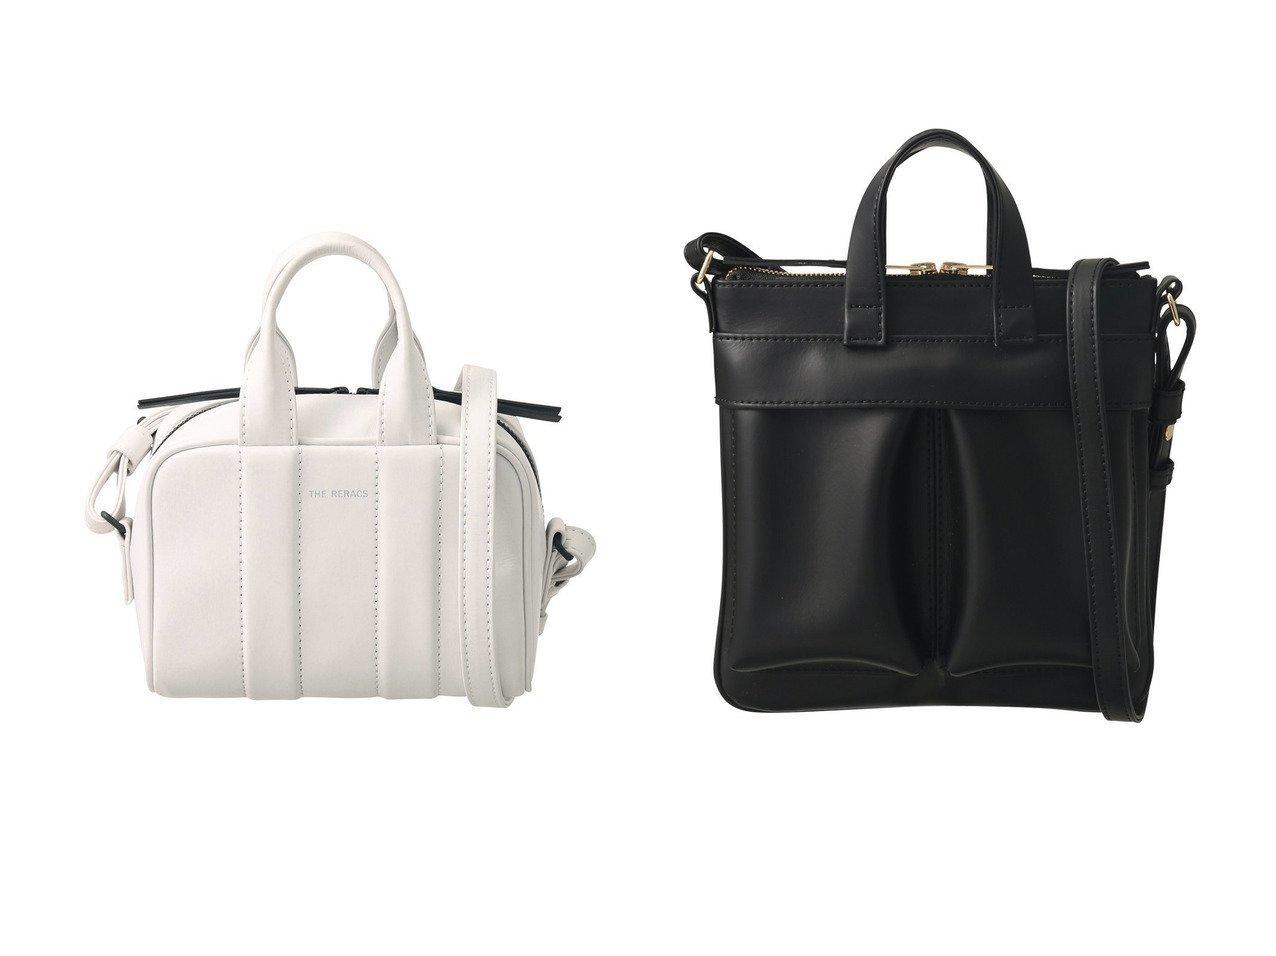 【THE RERACS/ザ リラクス】のミニマムKITバッグ&ミニマムヘルメットバッグ バッグ・鞄のおすすめ!人気、トレンド・レディースファッションの通販 おすすめで人気の流行・トレンド、ファッションの通販商品 メンズファッション・キッズファッション・インテリア・家具・レディースファッション・服の通販 founy(ファニー) https://founy.com/ ファッション Fashion レディースファッション WOMEN バッグ Bag 2021年 2021 2021 春夏 S/S SS Spring/Summer 2021 S/S 春夏 SS Spring/Summer ショルダー シンプル ジップ ボストン ボストンバッグ 春 Spring |ID:crp329100000014985